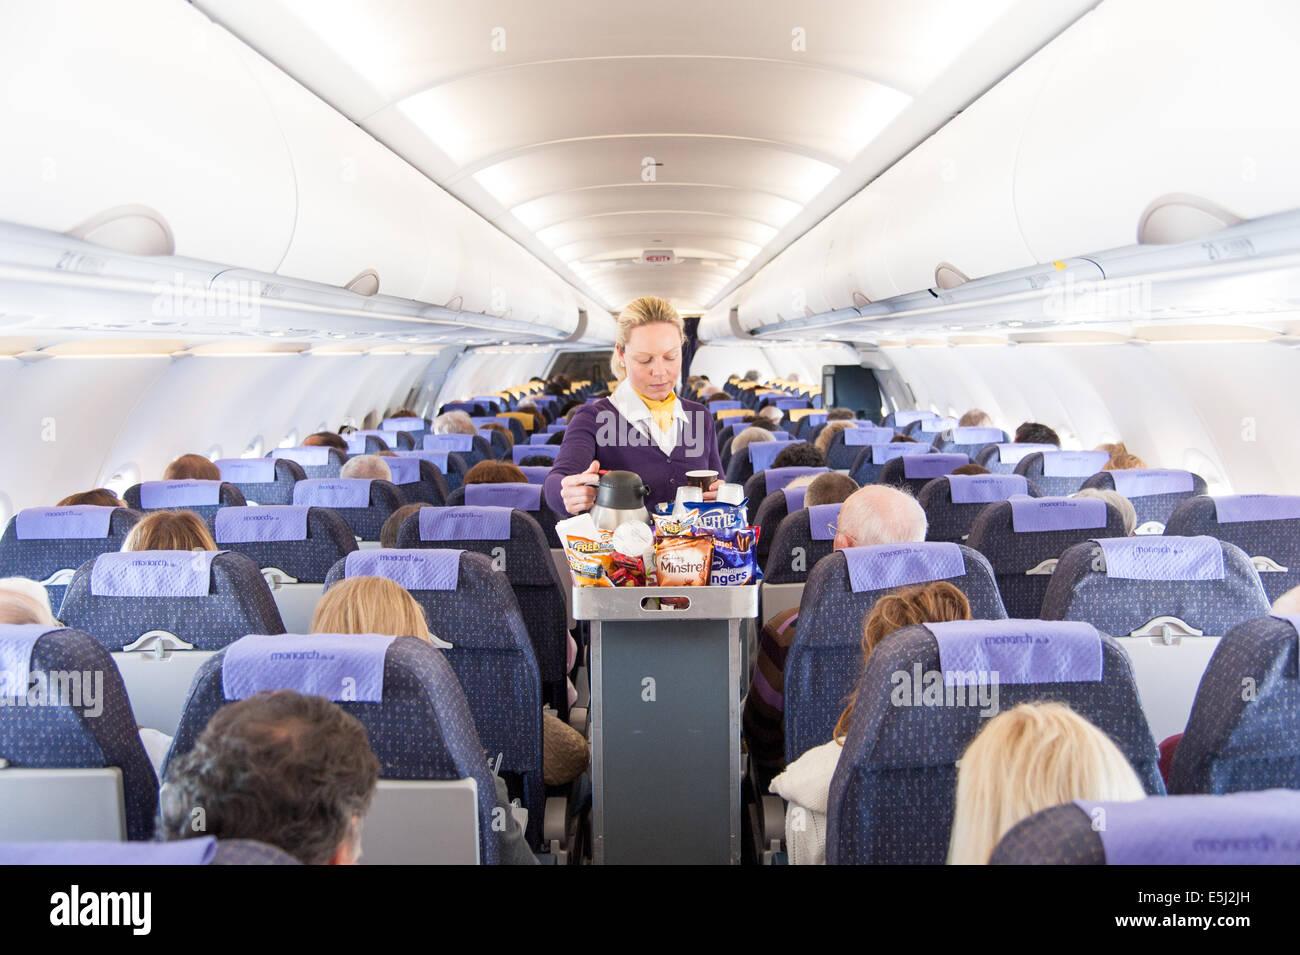 L'hôtesse de l'air de Monarch Airlines sert des collations à partir du chariot de boissons, Royaume-Uni Banque D'Images